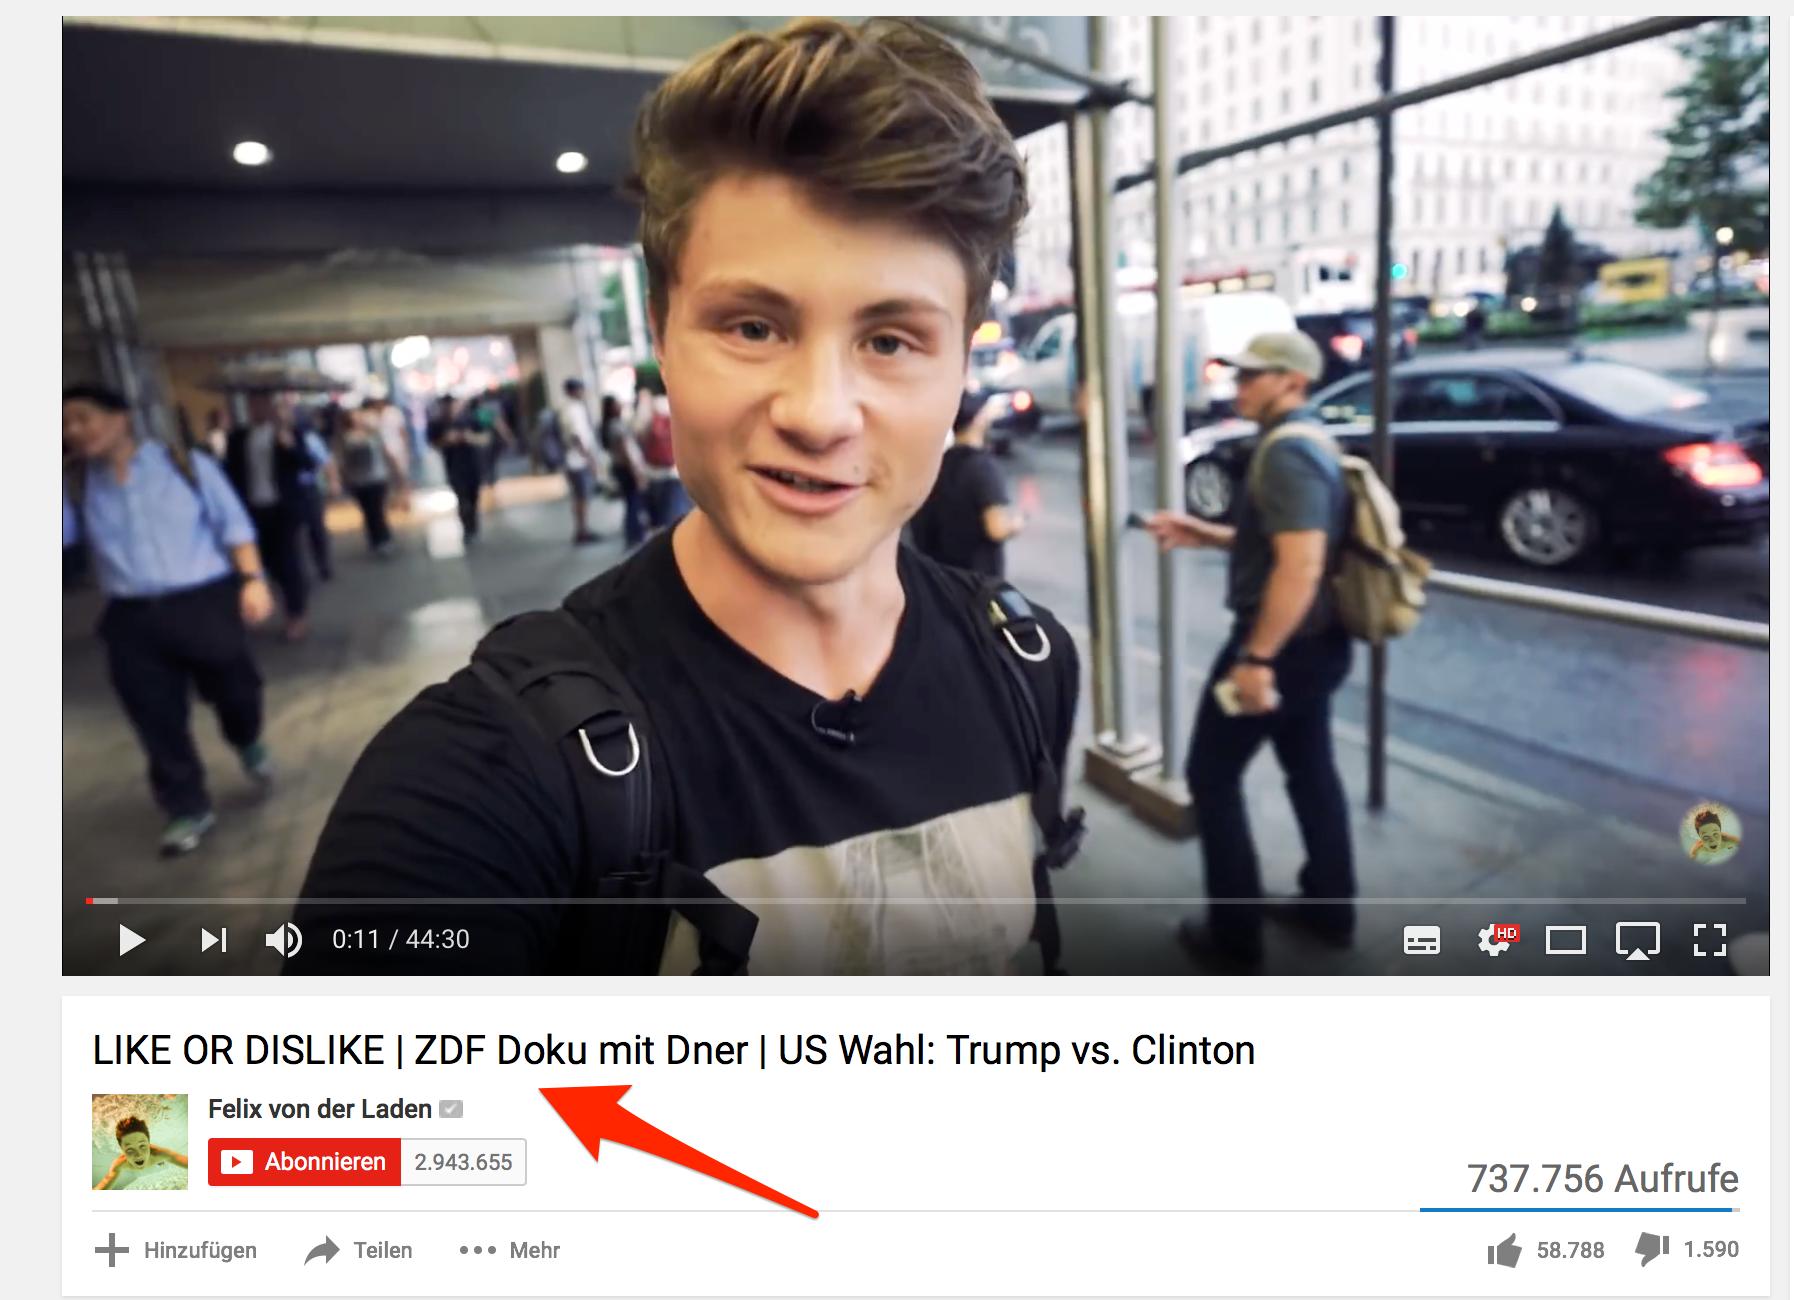 Felix von der laden dner  So viel Geld verdienen YouTuber wirklich - bonek